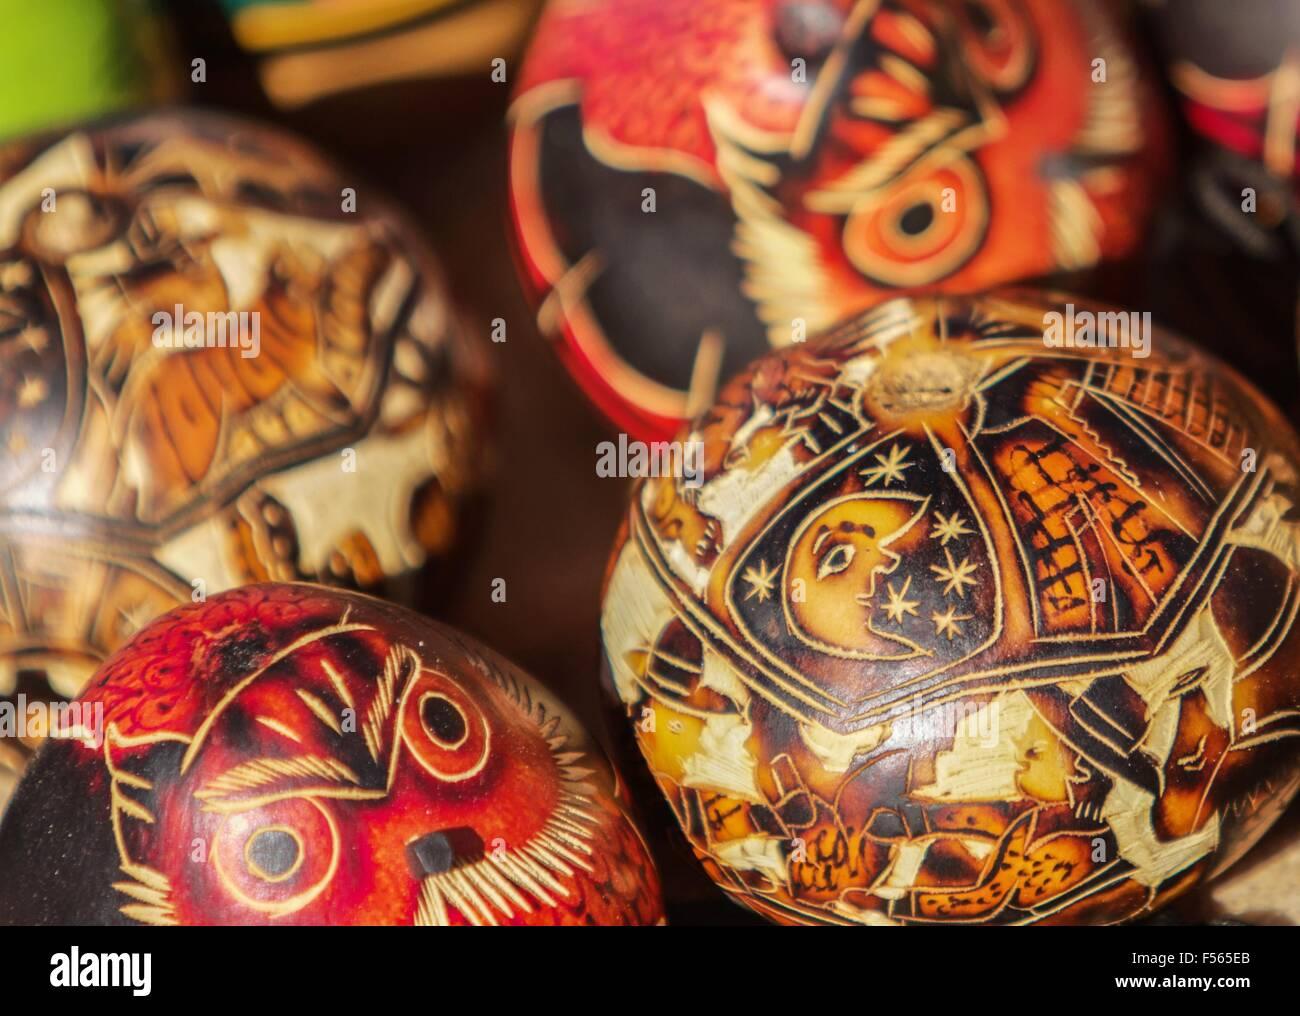 Souvenir from Uros island, Peru, Bolivia - Stock Image